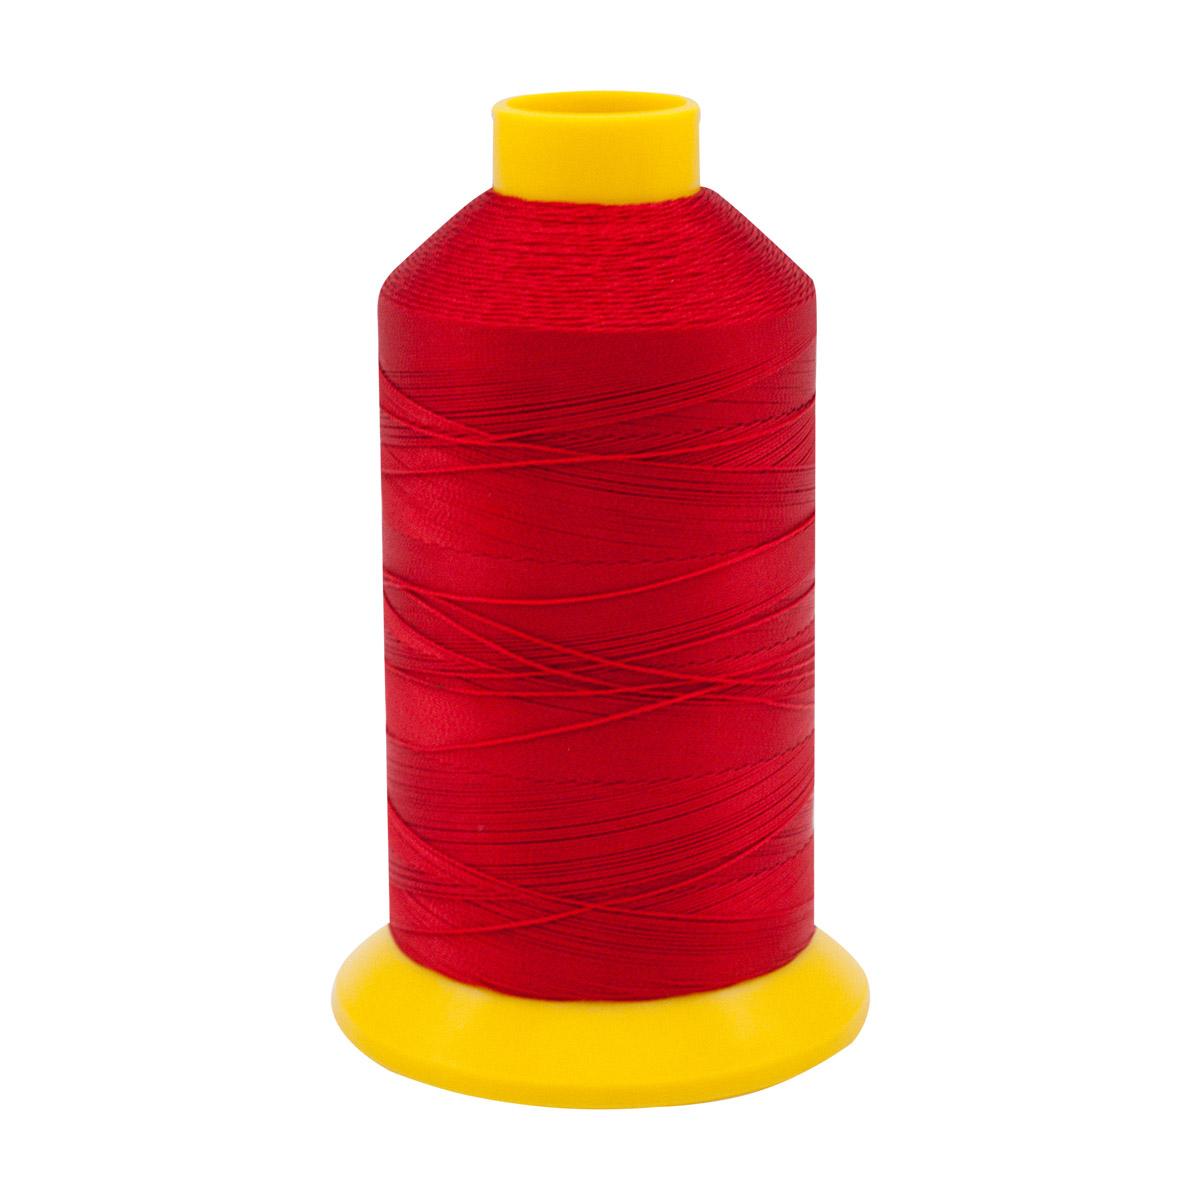 Нить для прошивки документов (филаментная) 420D/3, 1500м, 100% п/э Astra, 1030 красный